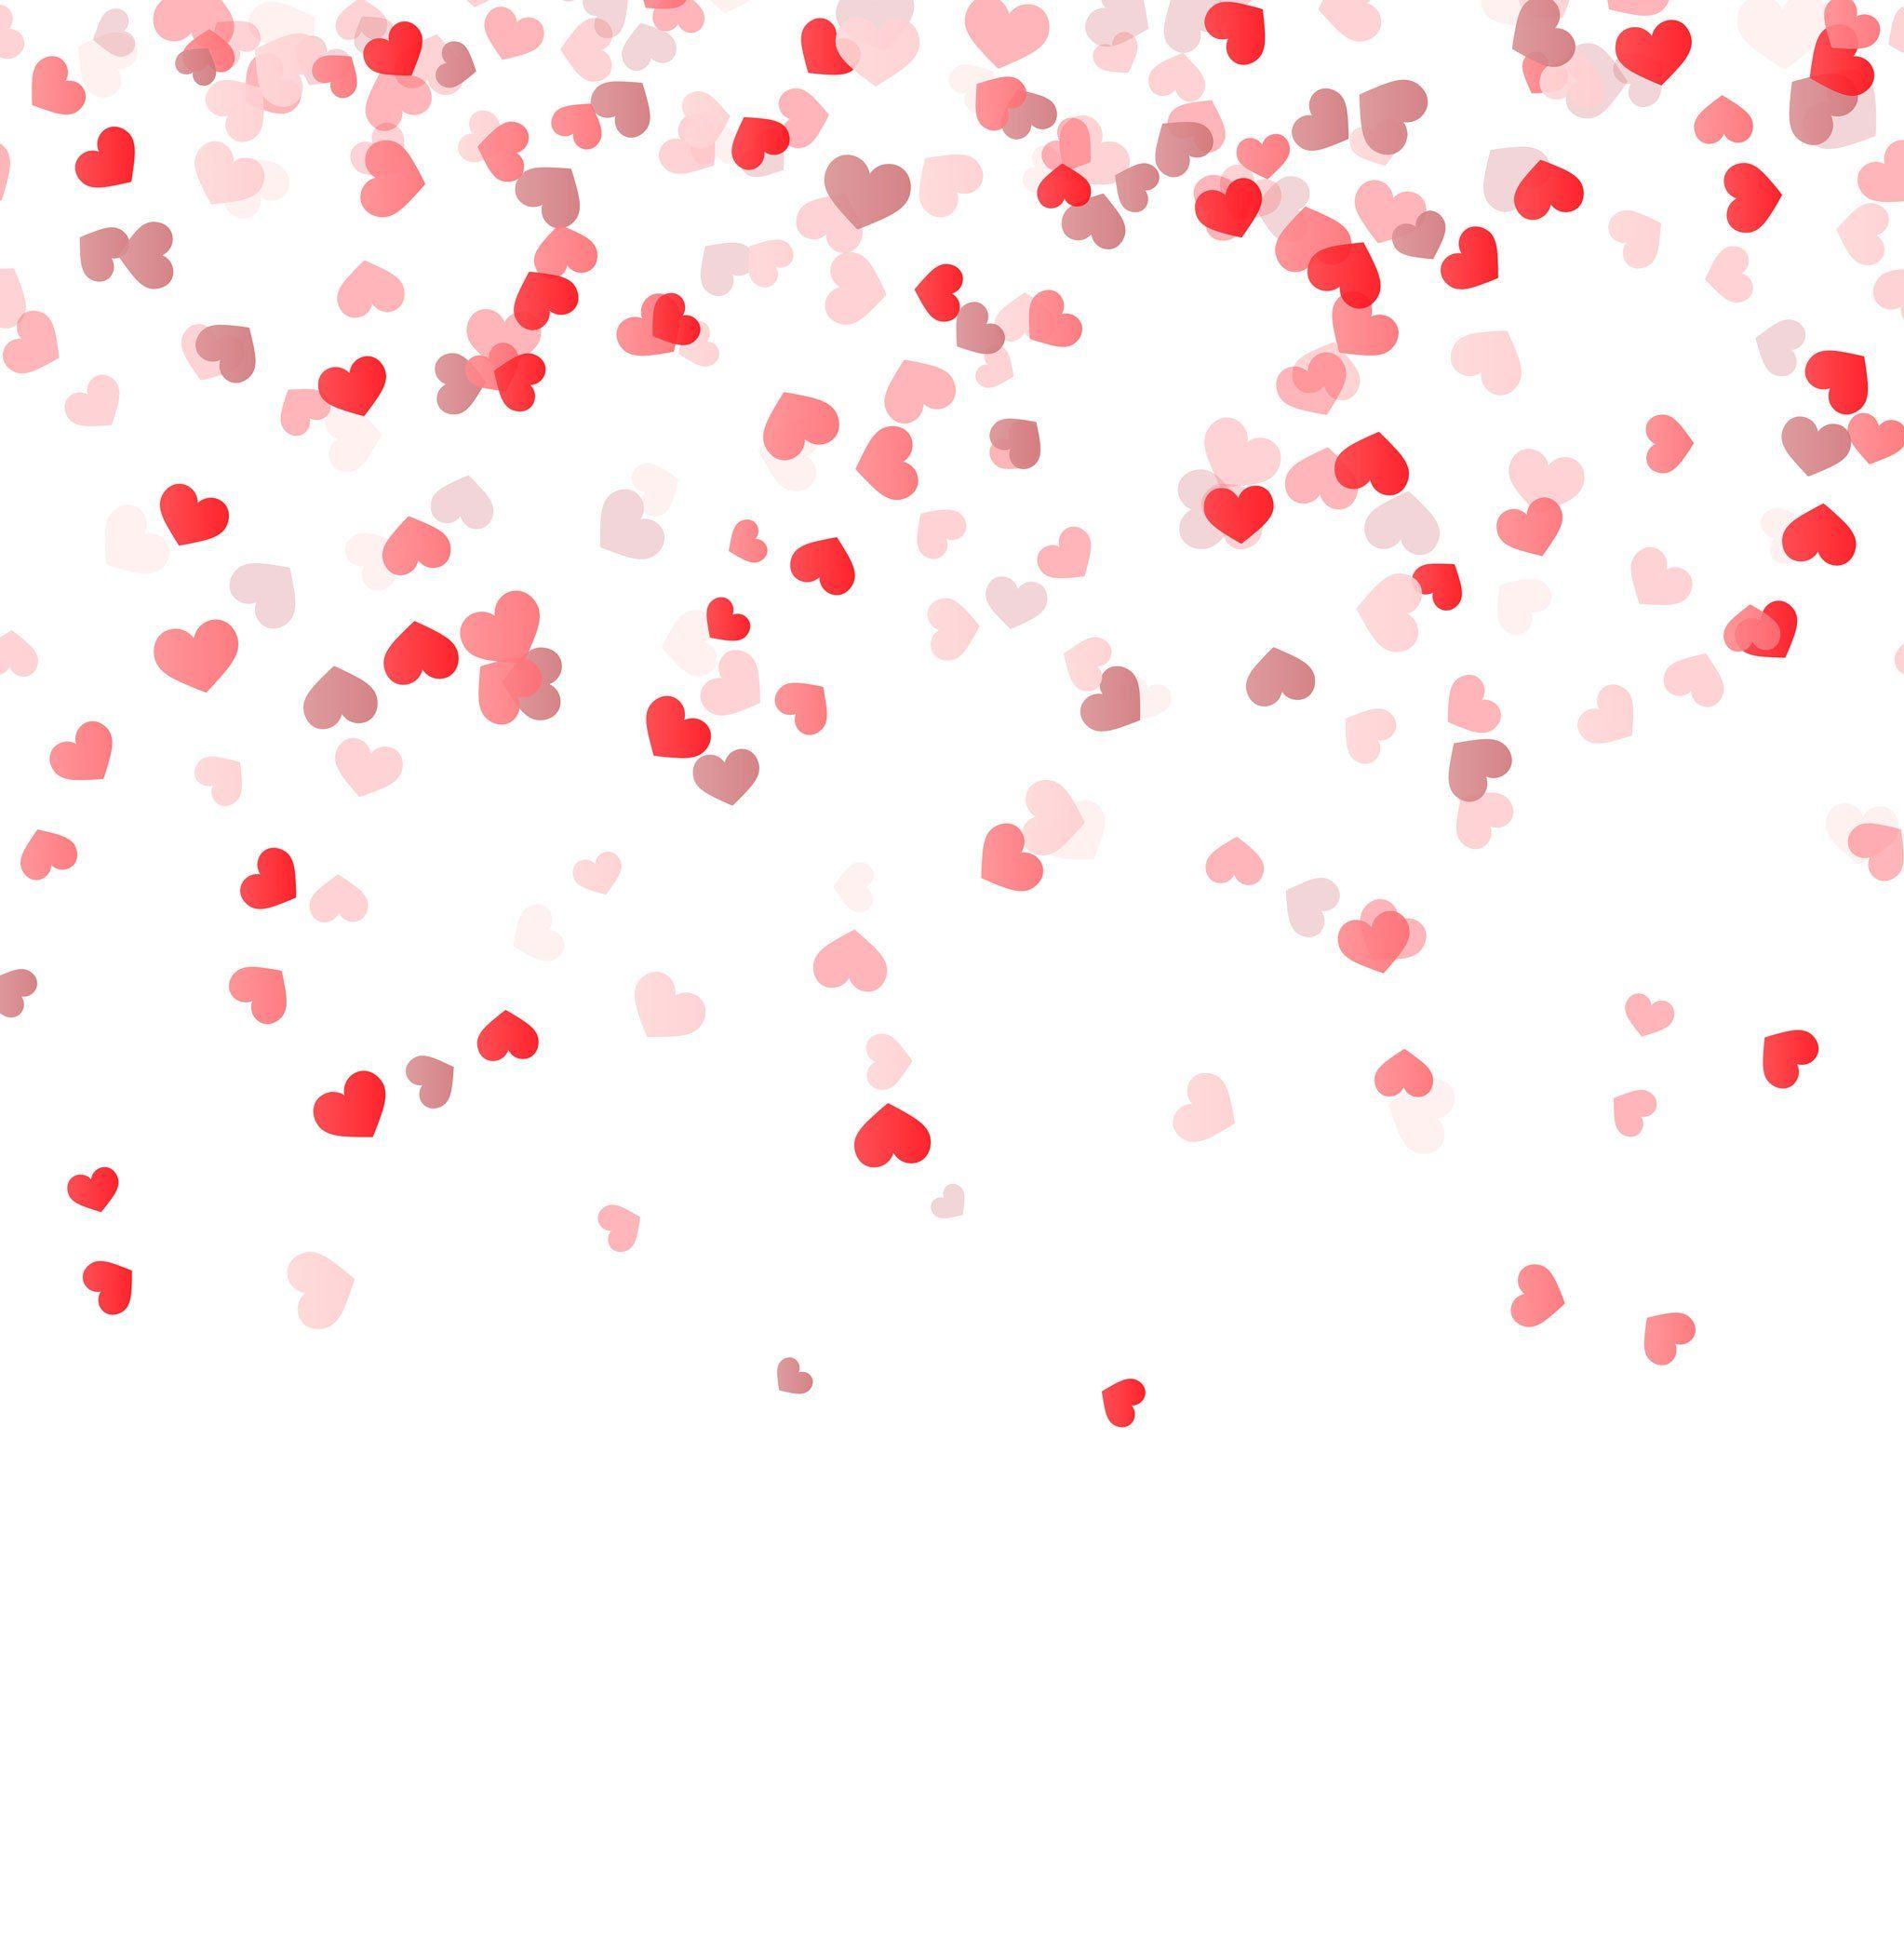 Falling Hearts Ideias Para Canecas Cartao De Visita Manicure Presentes Criativos Para Namorado